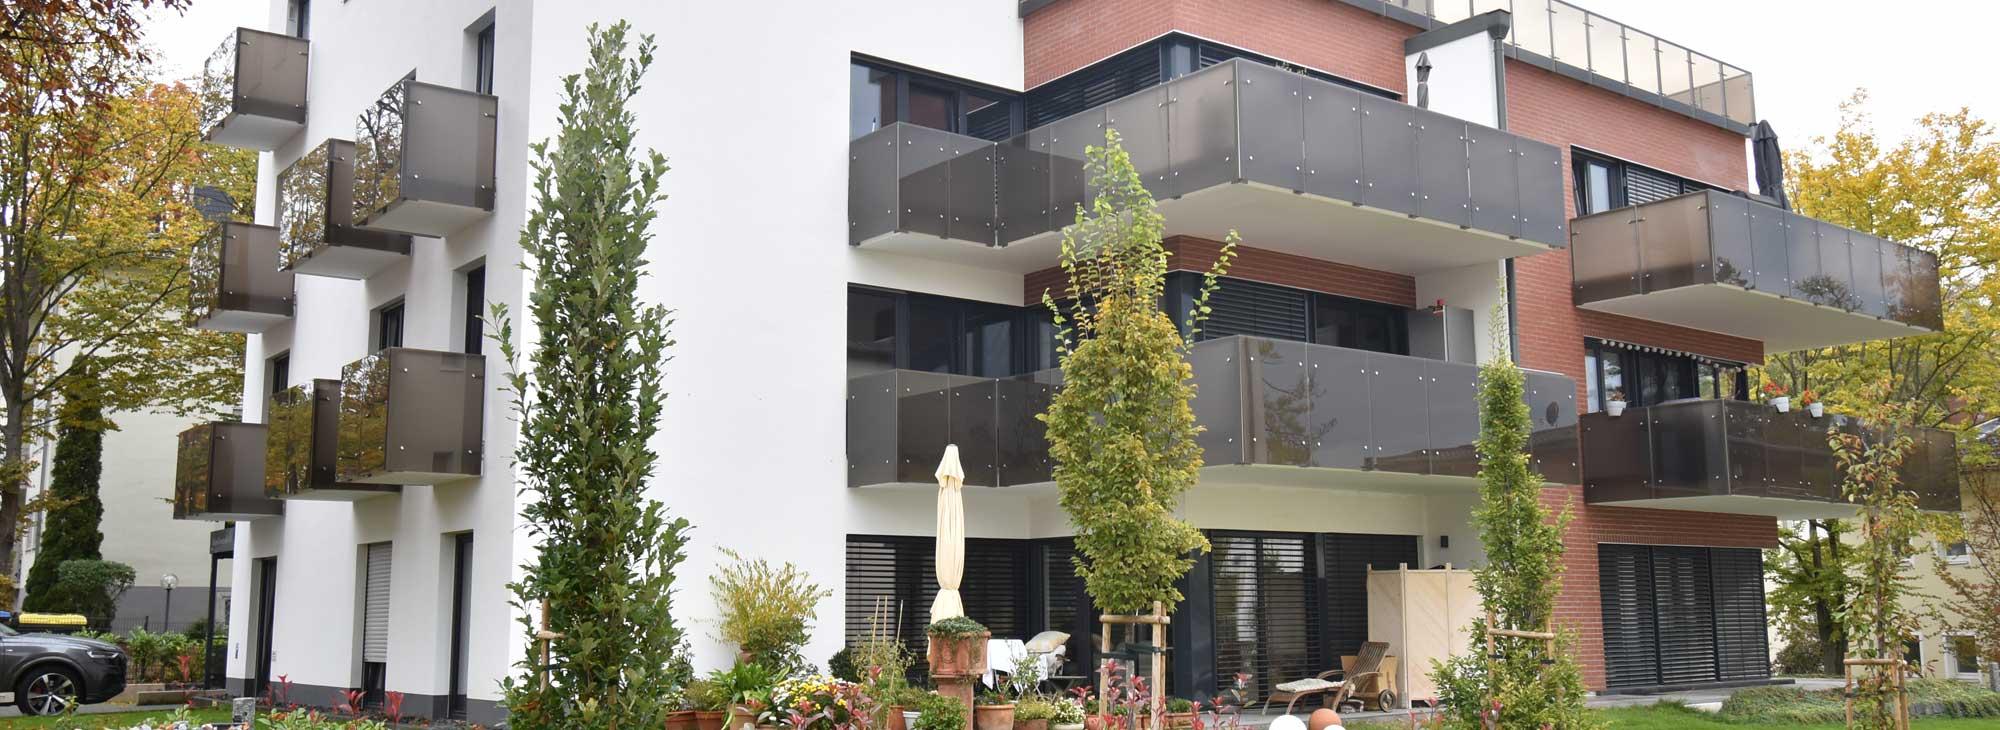 Mehrfamilienhaus bauen